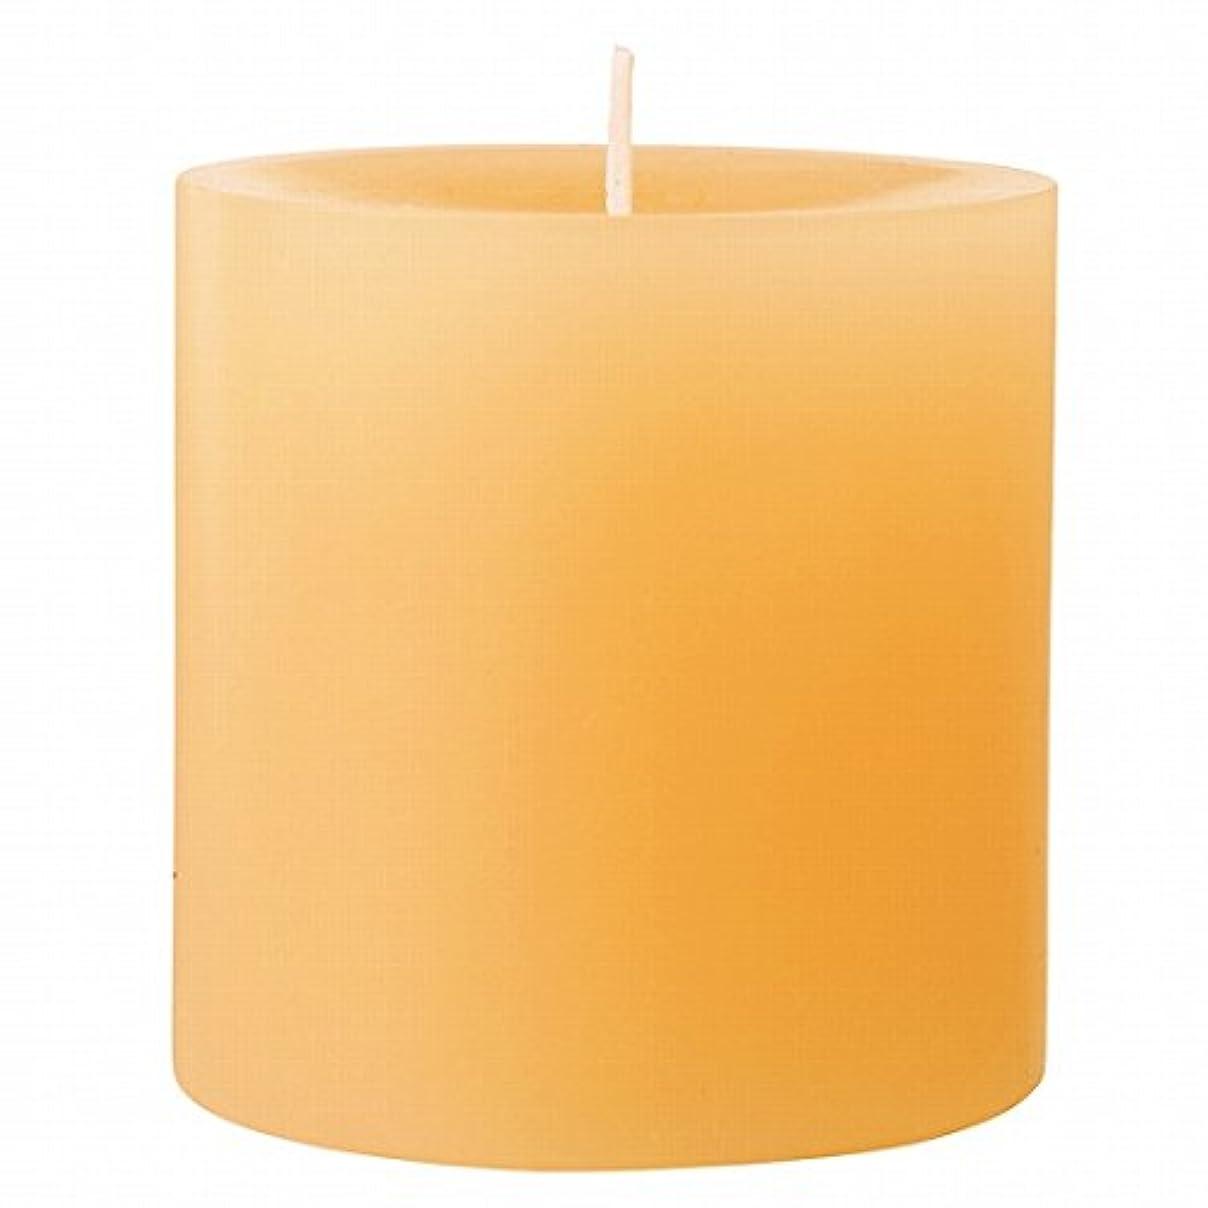 群れペチコート急襲カメヤマキャンドル(kameyama candle) 75×75ピラーキャンドル 「 ベージュ 」